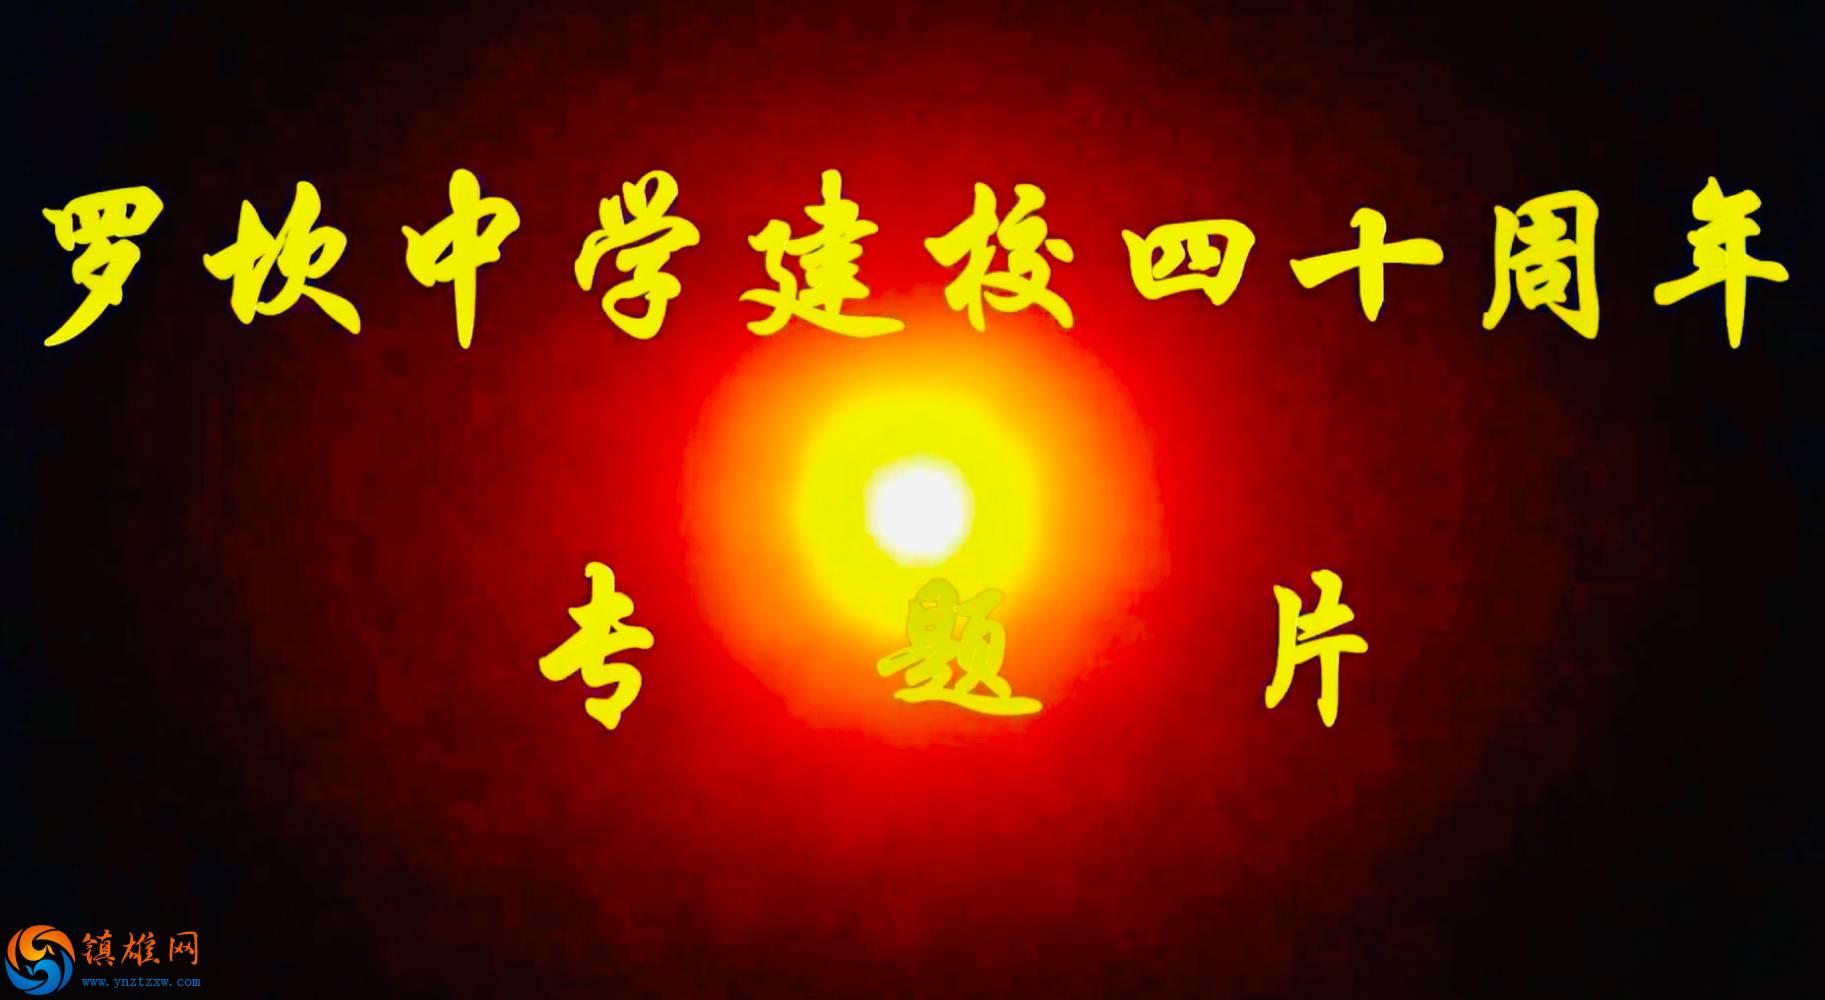 5月5日!顾峰等名星到罗坎中学义演!